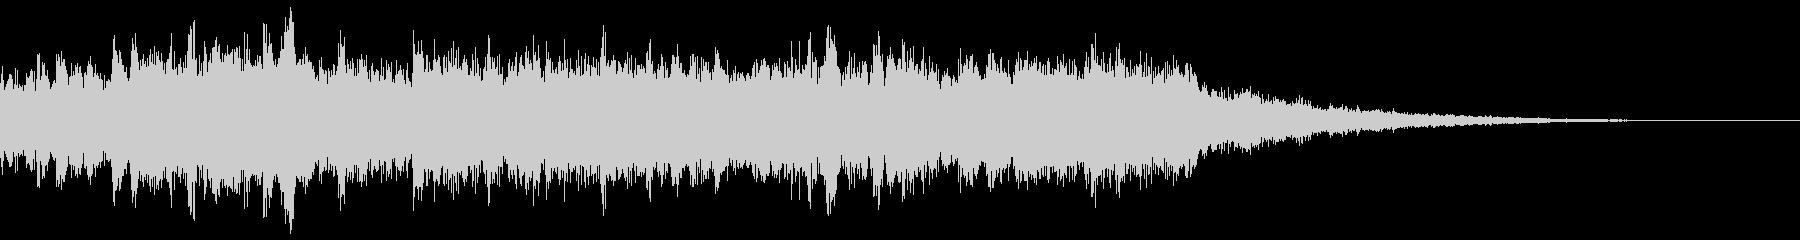 おだやかキラキラ/サウンドロゴの未再生の波形